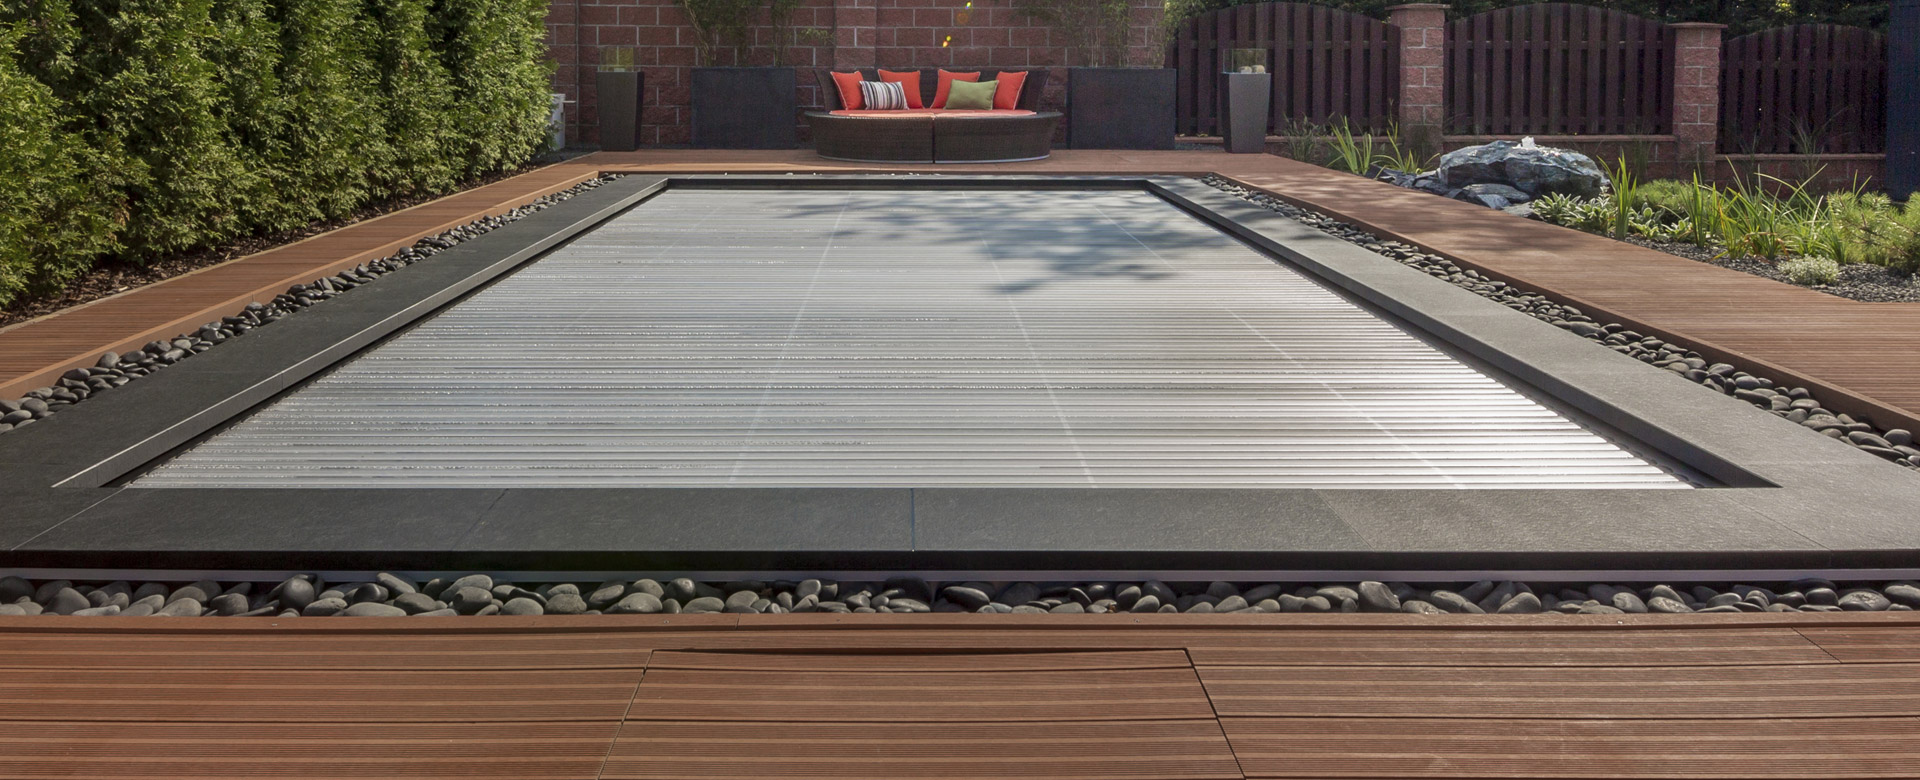 Home aquacover couvertures volets de s curit for Couverture pour piscine